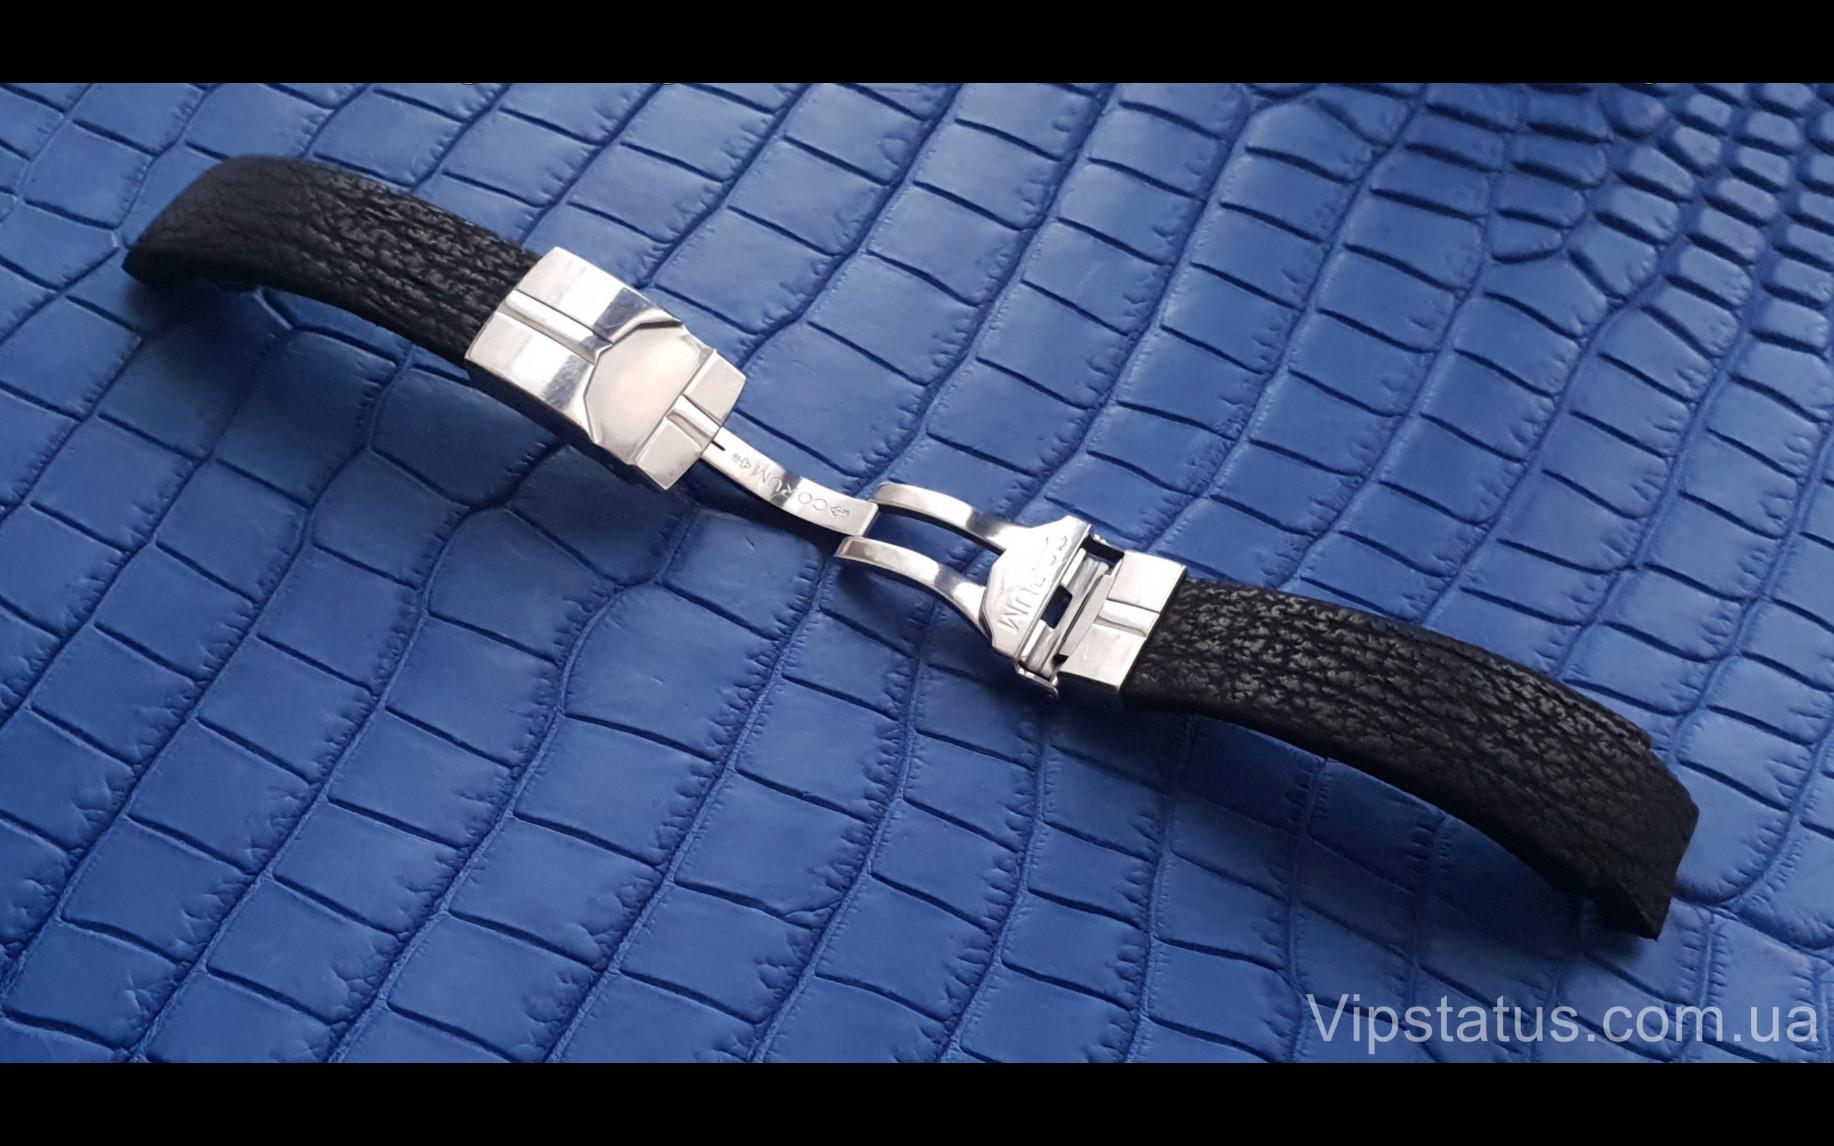 Elite Экзотический ремешок для часов Corum кожа акулы Exotic Shark Strap for Corum watches image 2